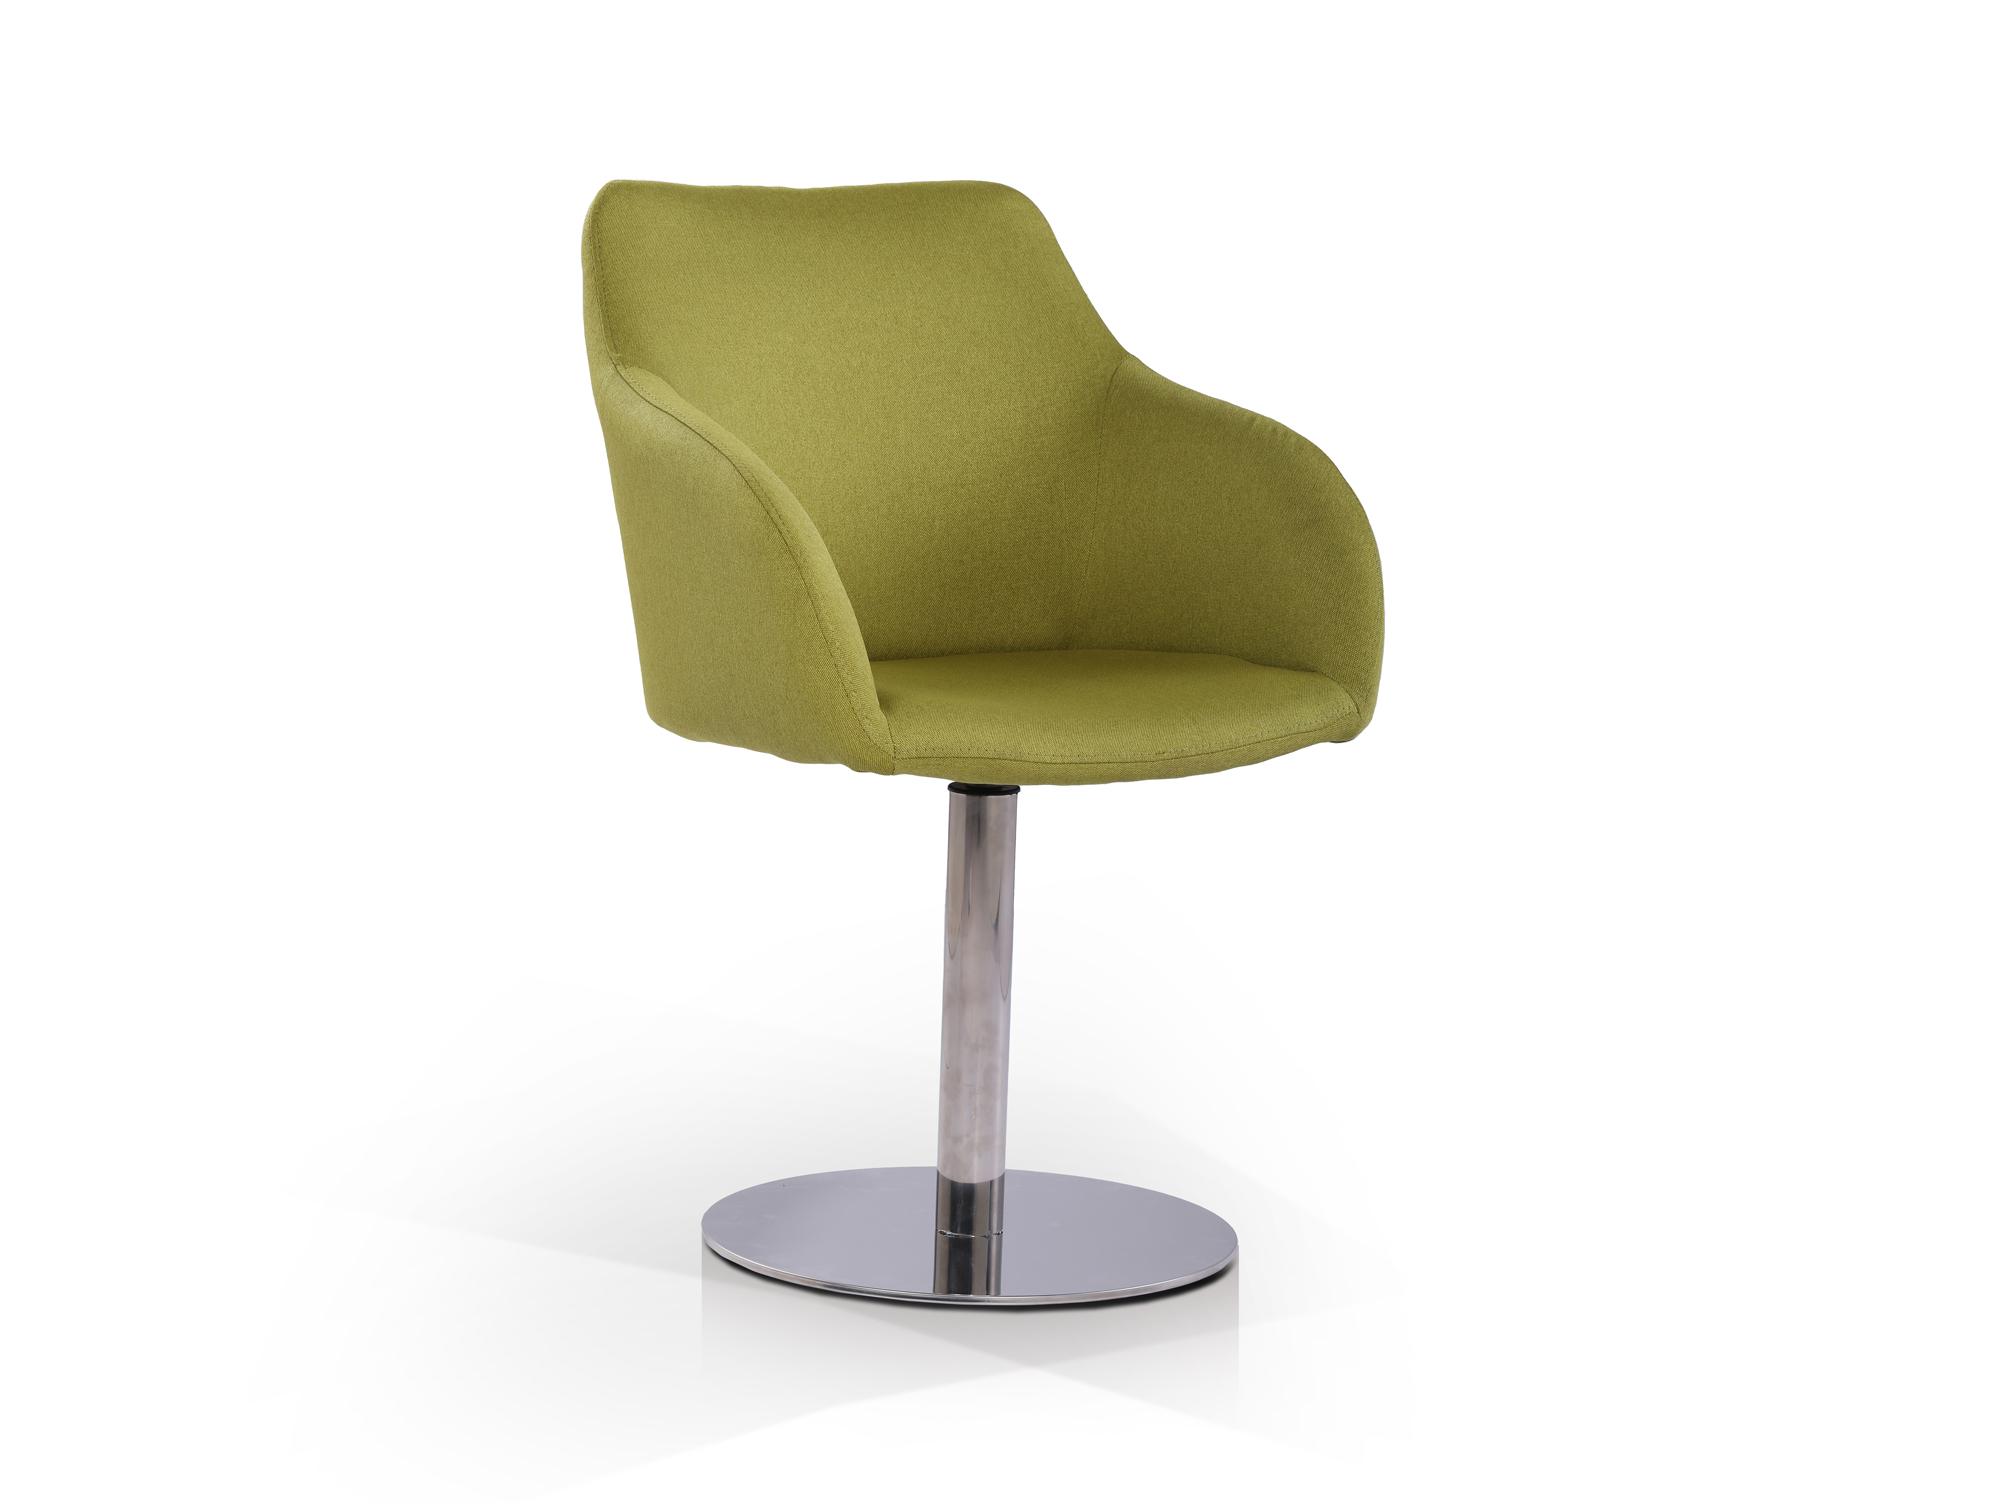 moderne Esszimmerstühle: Esstischstuhl + Polsterstühle günstig kaufen